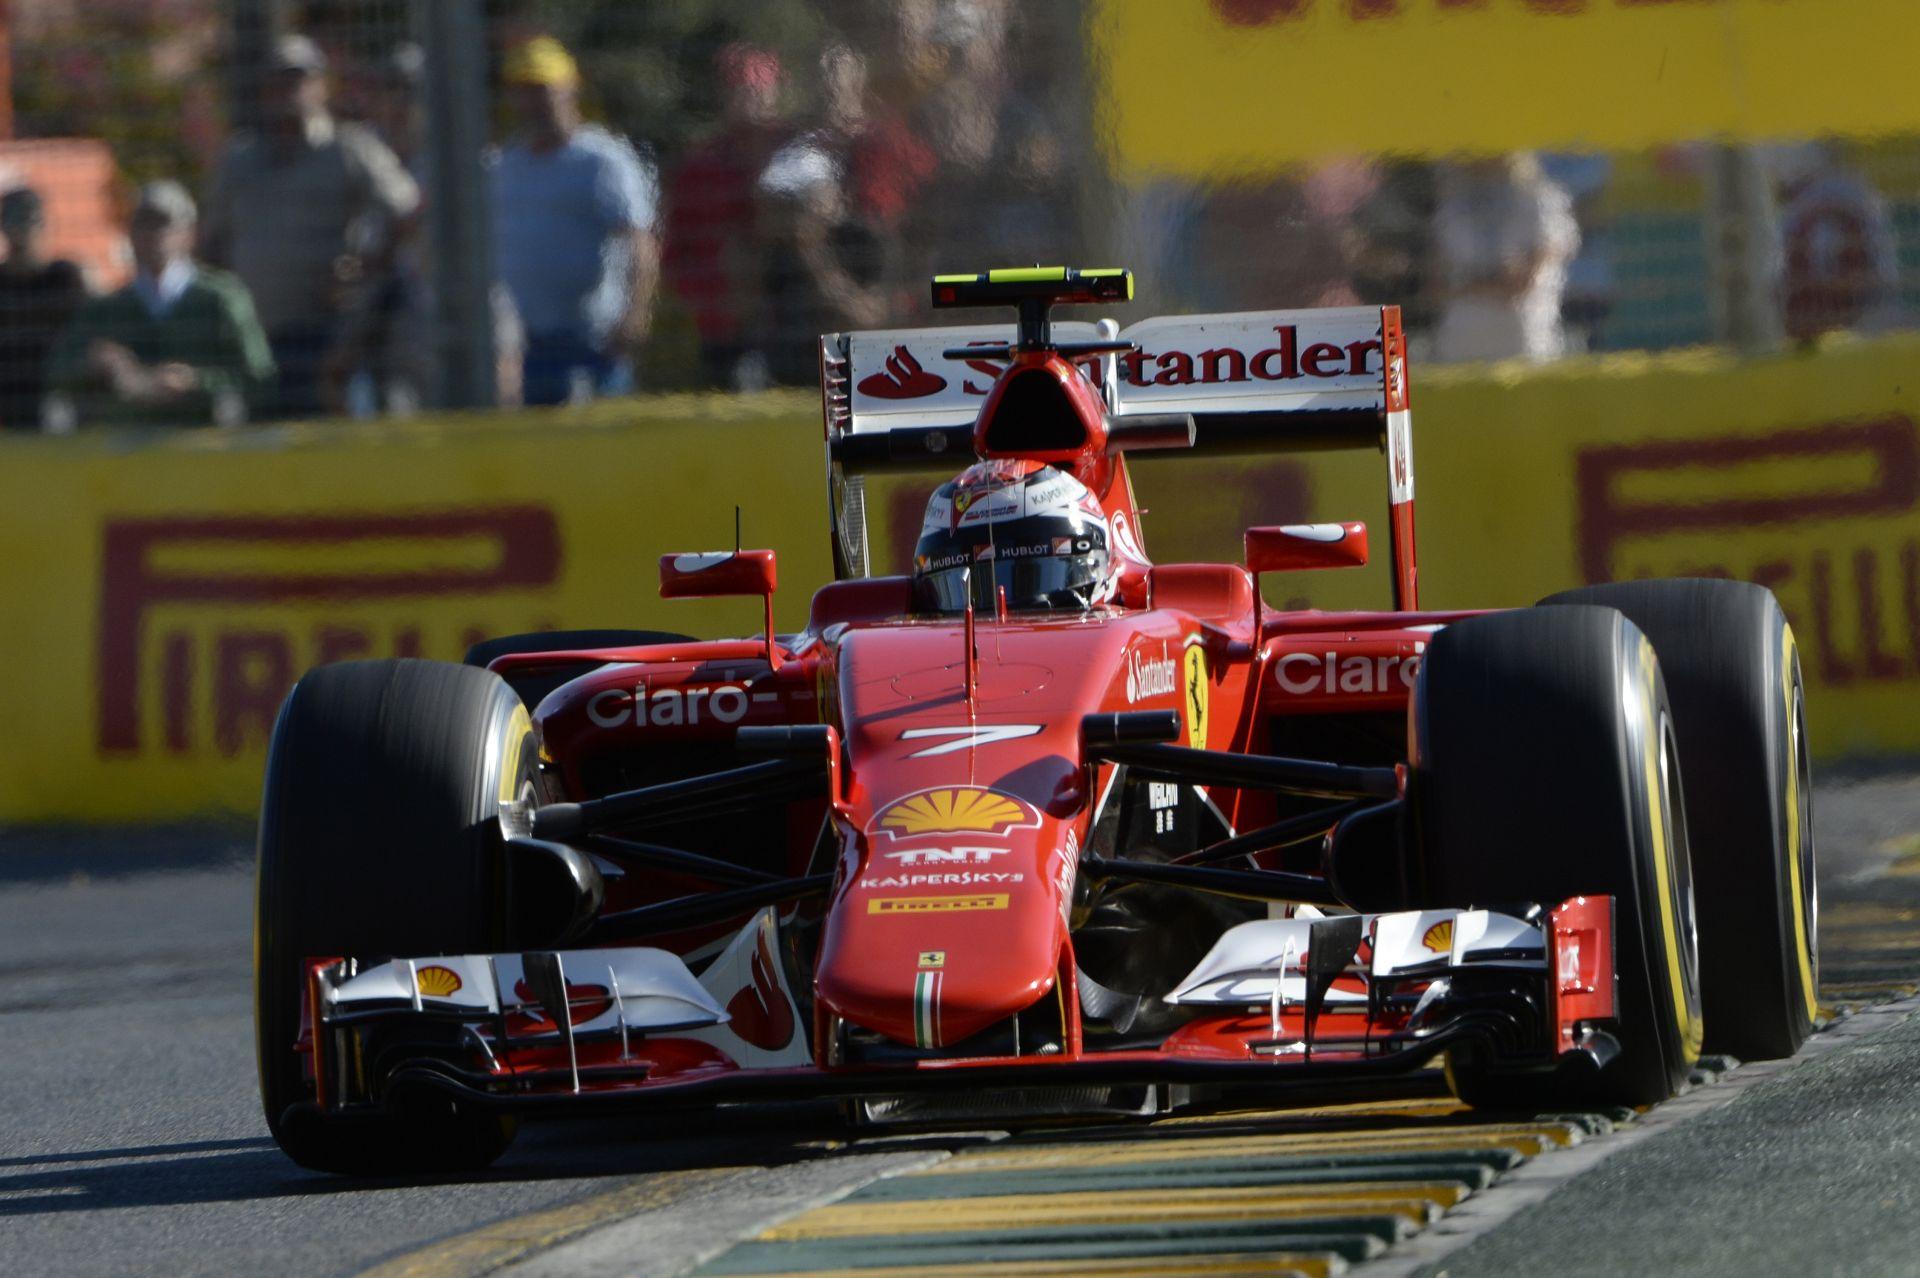 A Ferrarinál tudják, hogy Raikkönen mekkora értéket képvisel